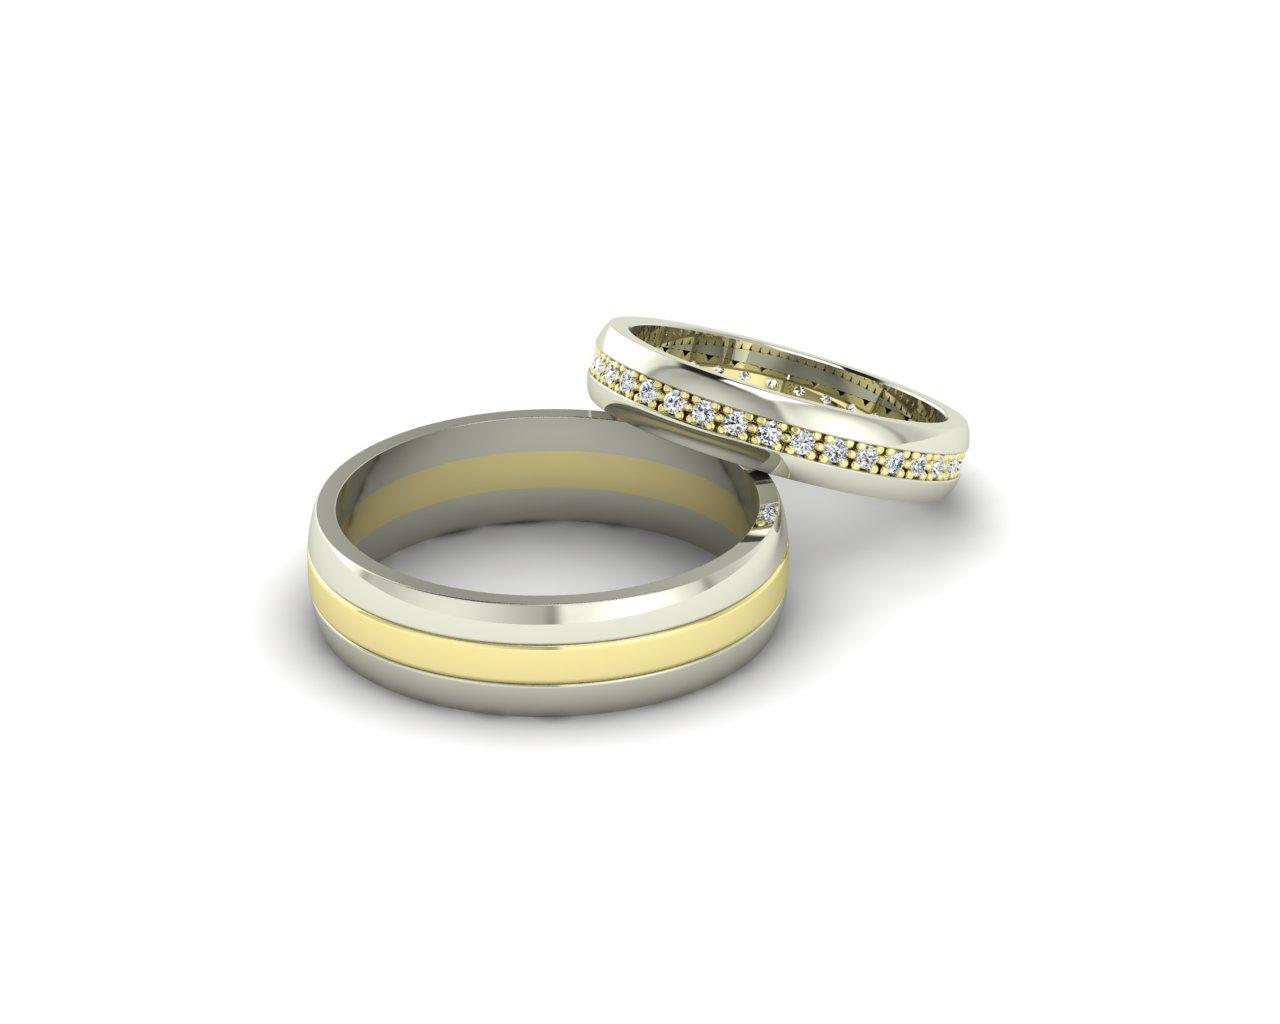 Snubní prsteny Variation of Lean